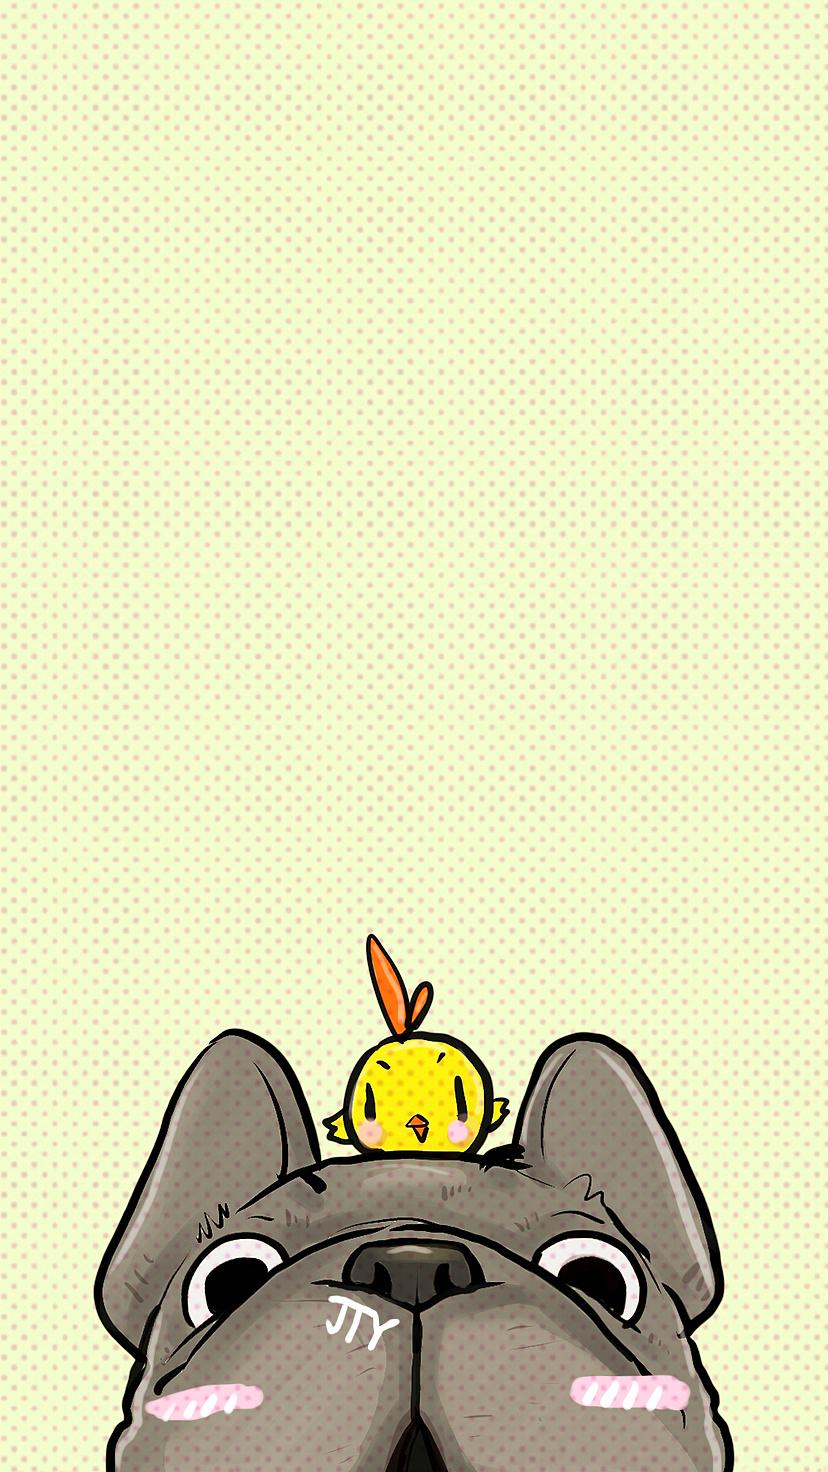 法斗插画|插画|插画习作|金太爷 - 原创作品 - 站酷